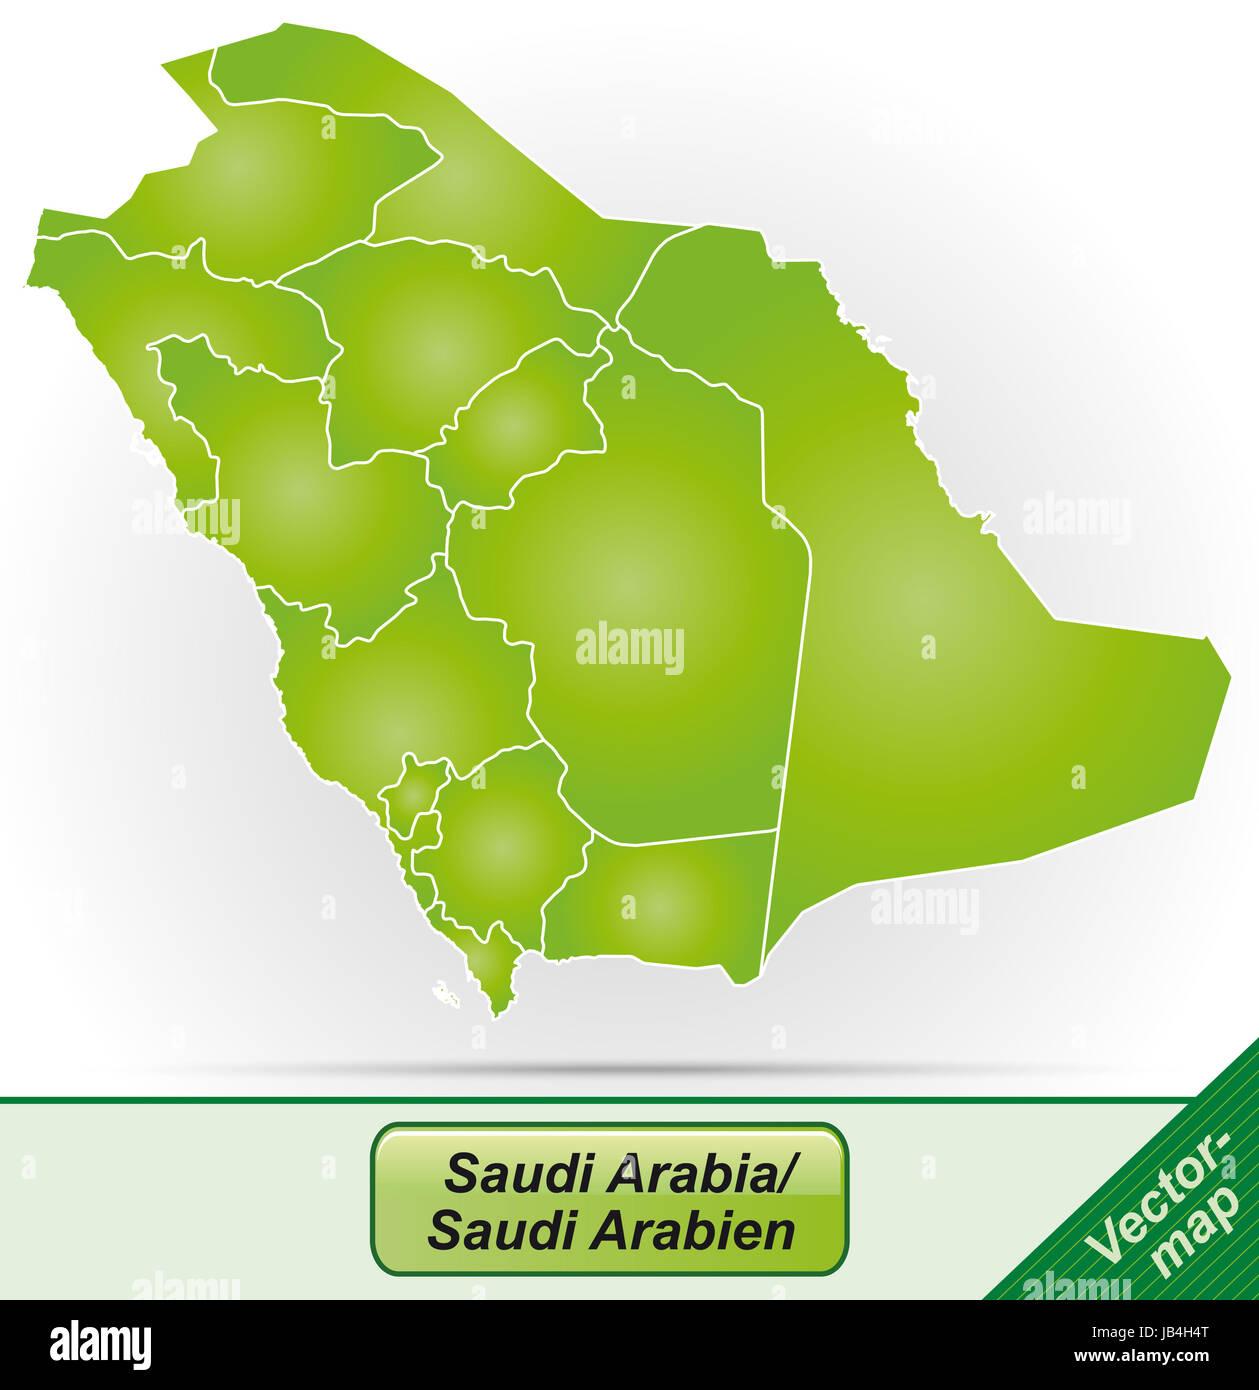 Saudi-Arabien in Asien als Grenzkarte mit Grenzen in Grün. Durch die ansprechende Gestaltung fügt sich Immagini Stock